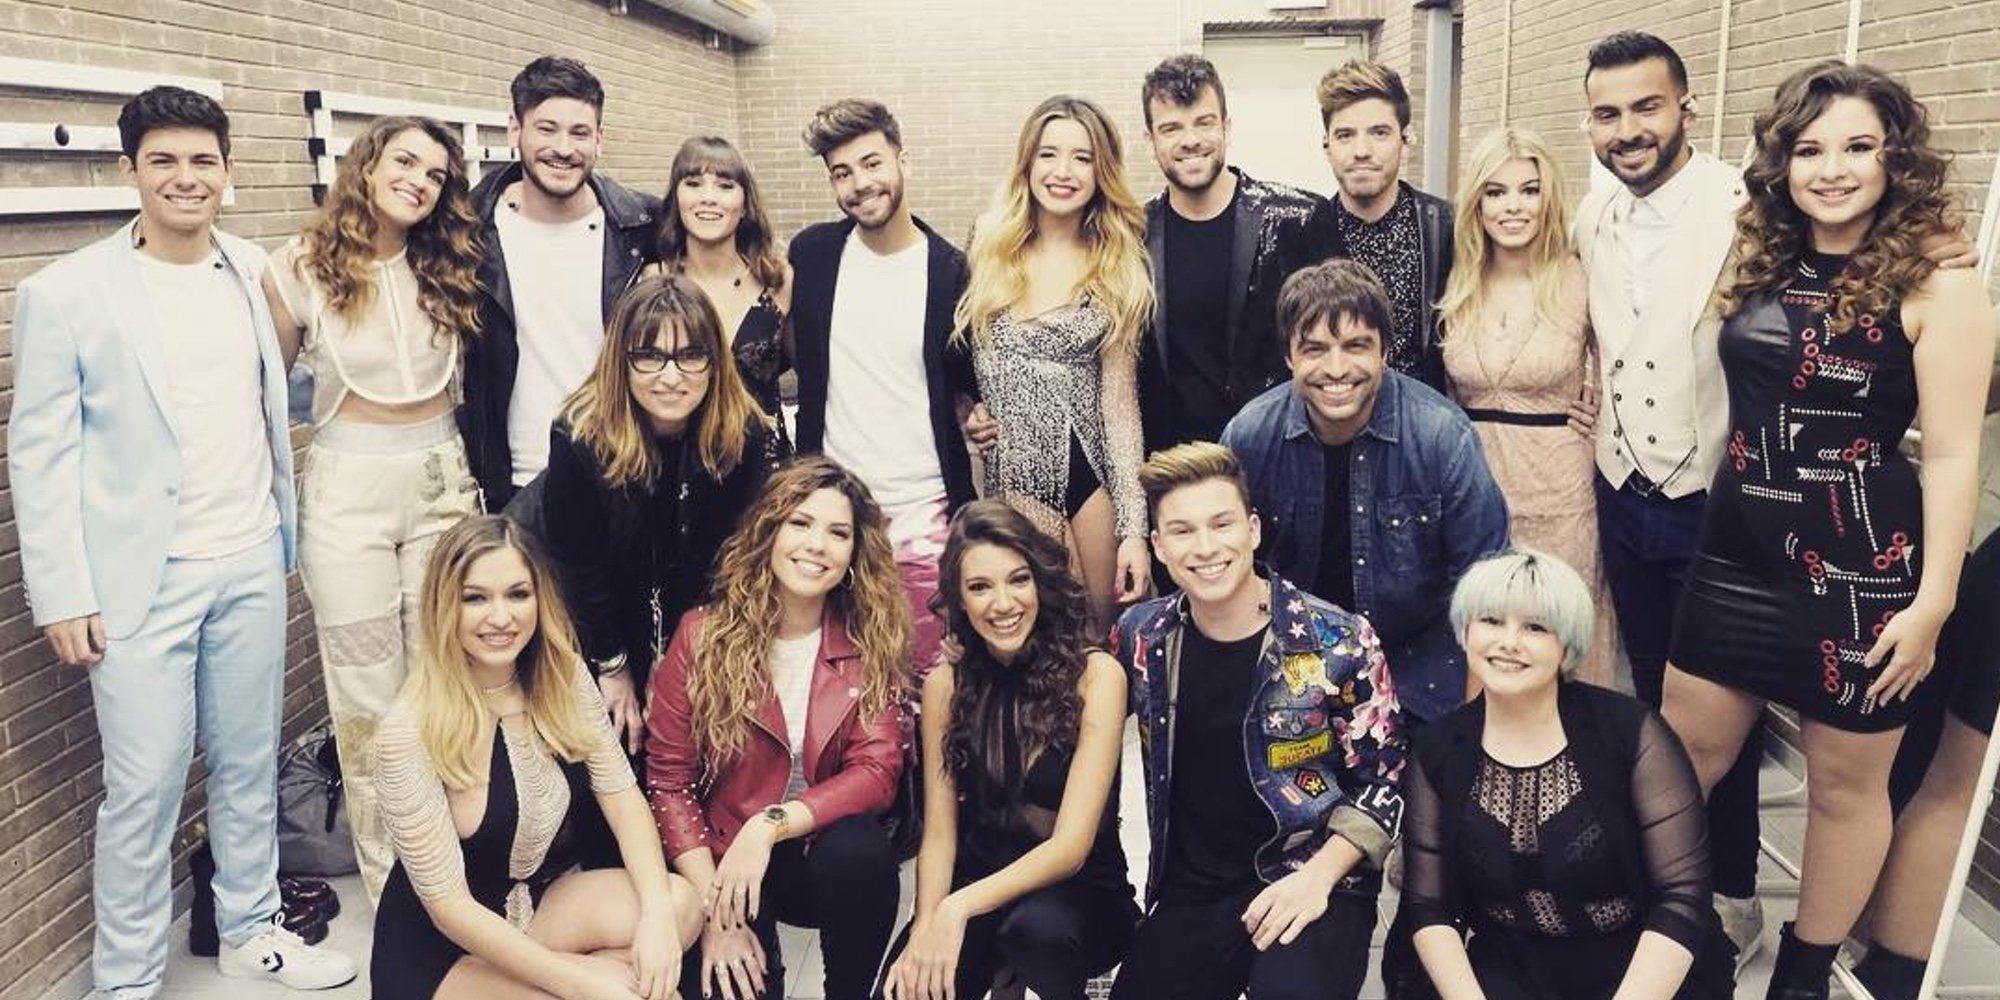 Emoción, diversión y mucha expectación en el primer concierto de 'OT 2017' en Barcelona